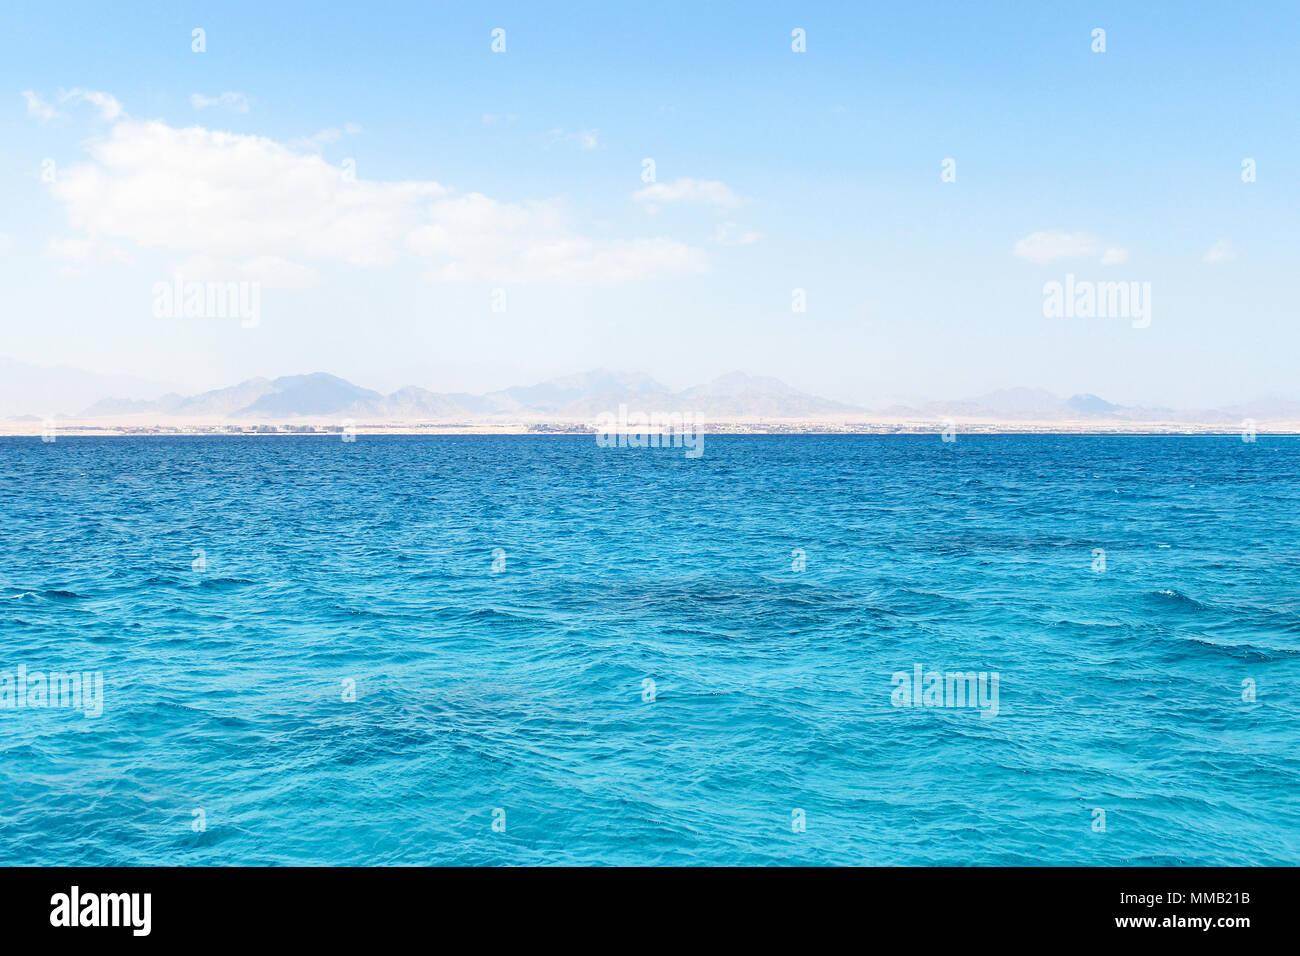 Das Rote Meer und die Insel Tiran in Ägypten. Stockbild